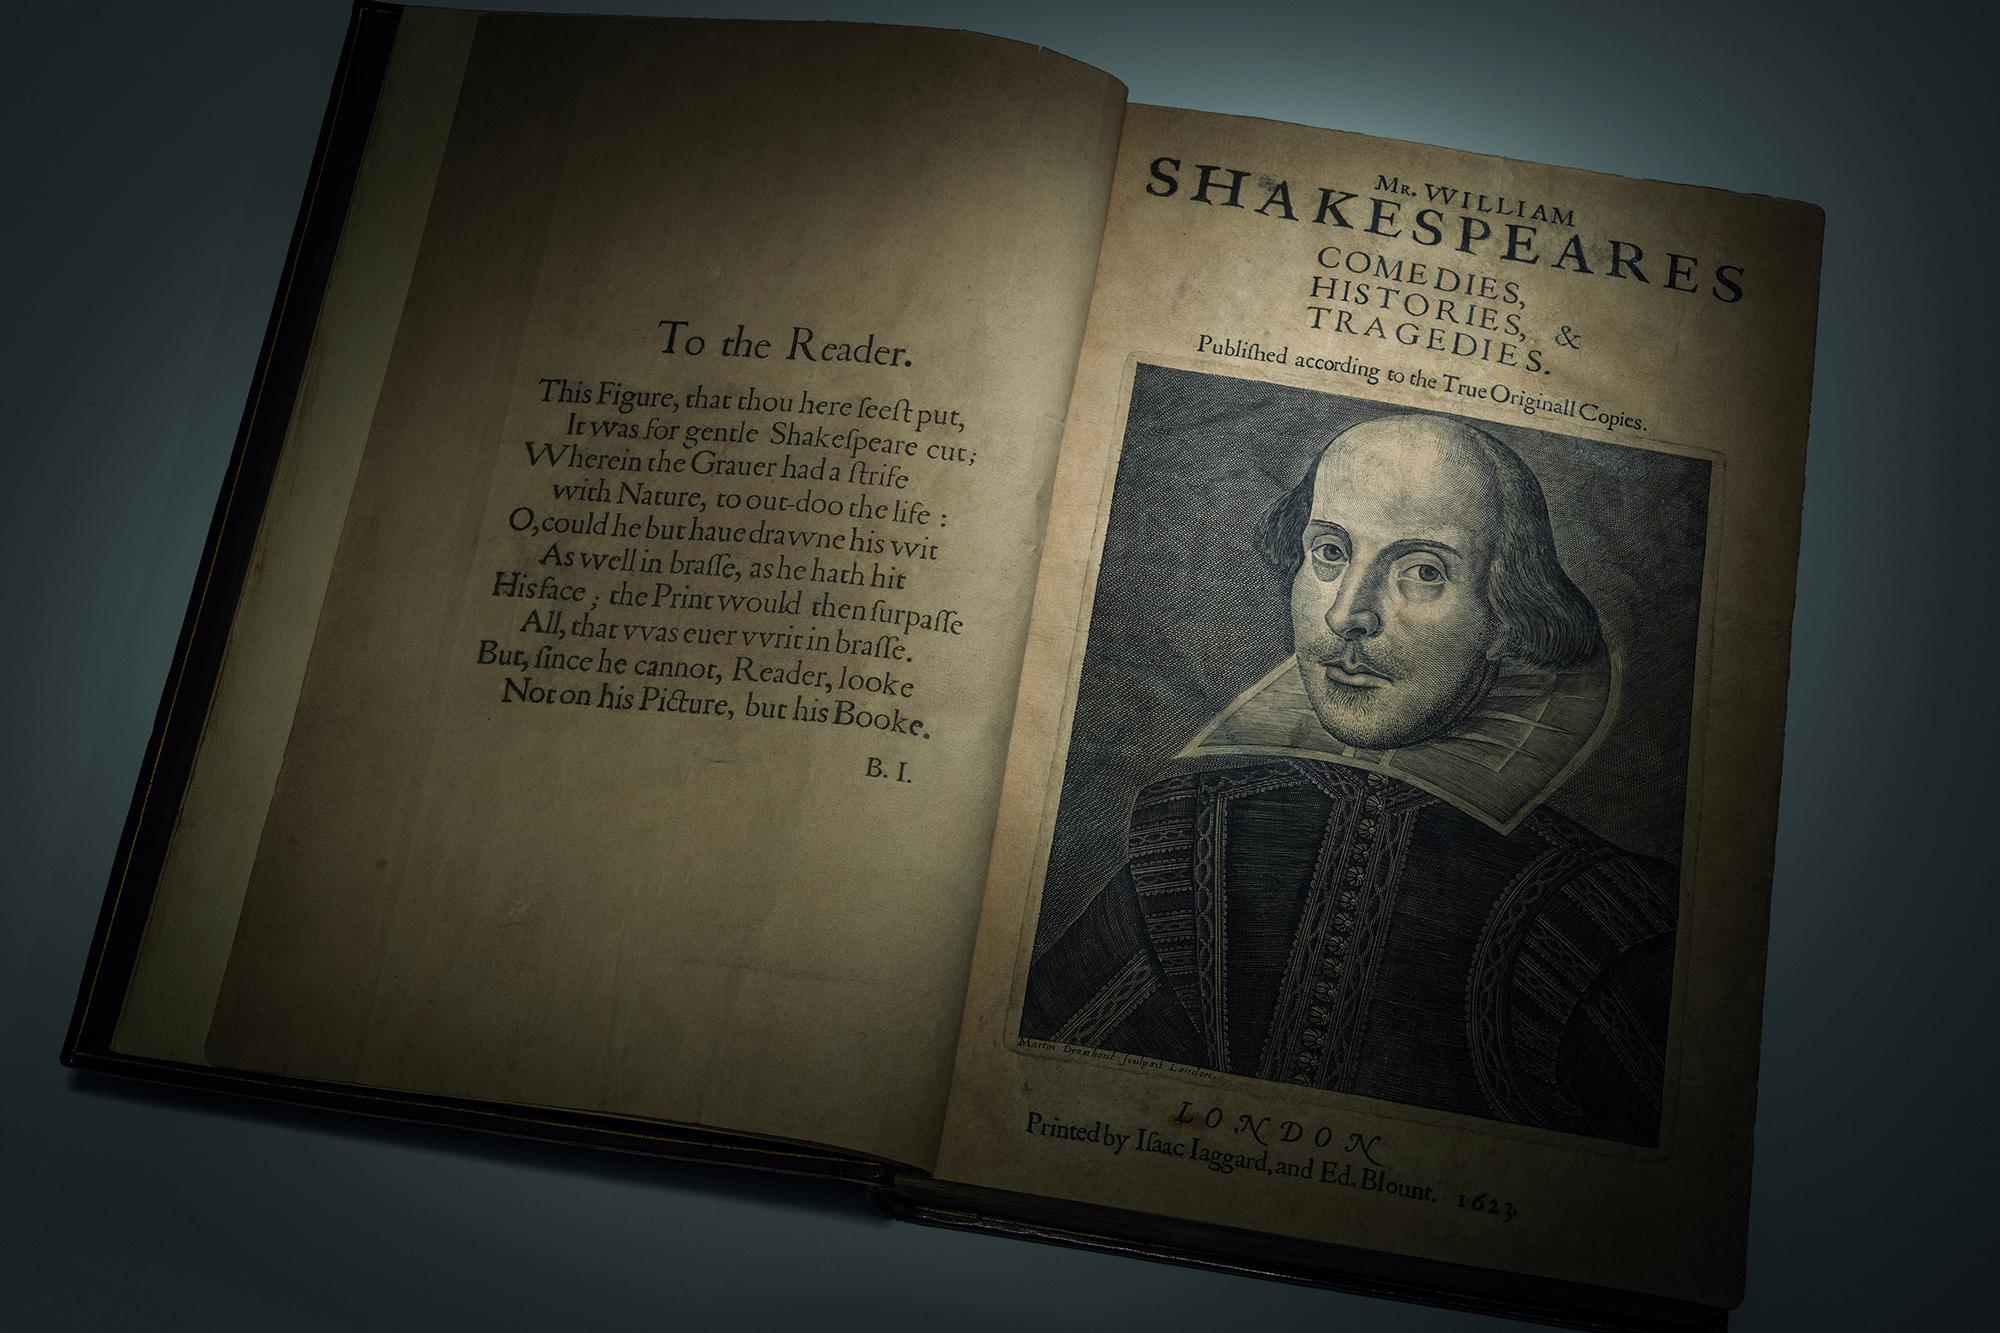 PRIMJERAK IZ 1623. GODINE! Zbirka Shakespearovih drama prodana za skoro 10 miliona dolara